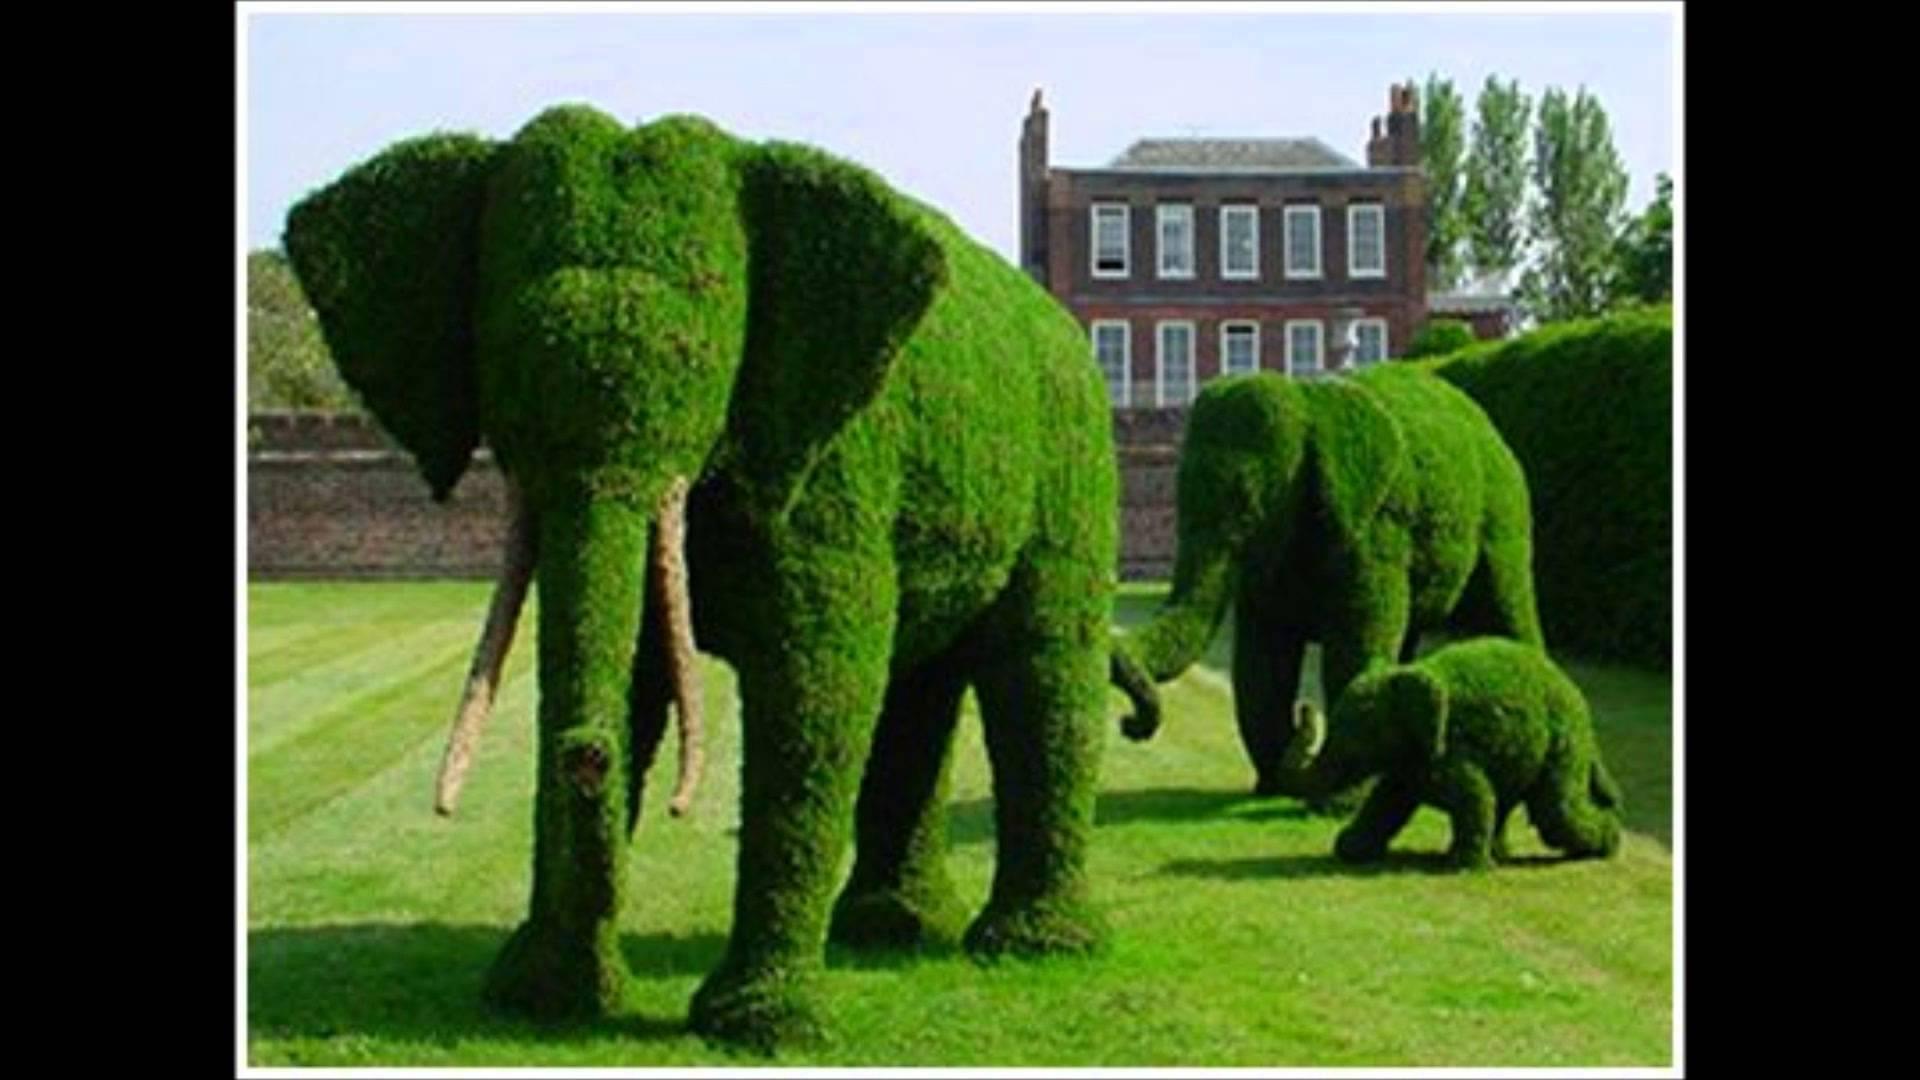 Stunning Art of Arborsculpture-18